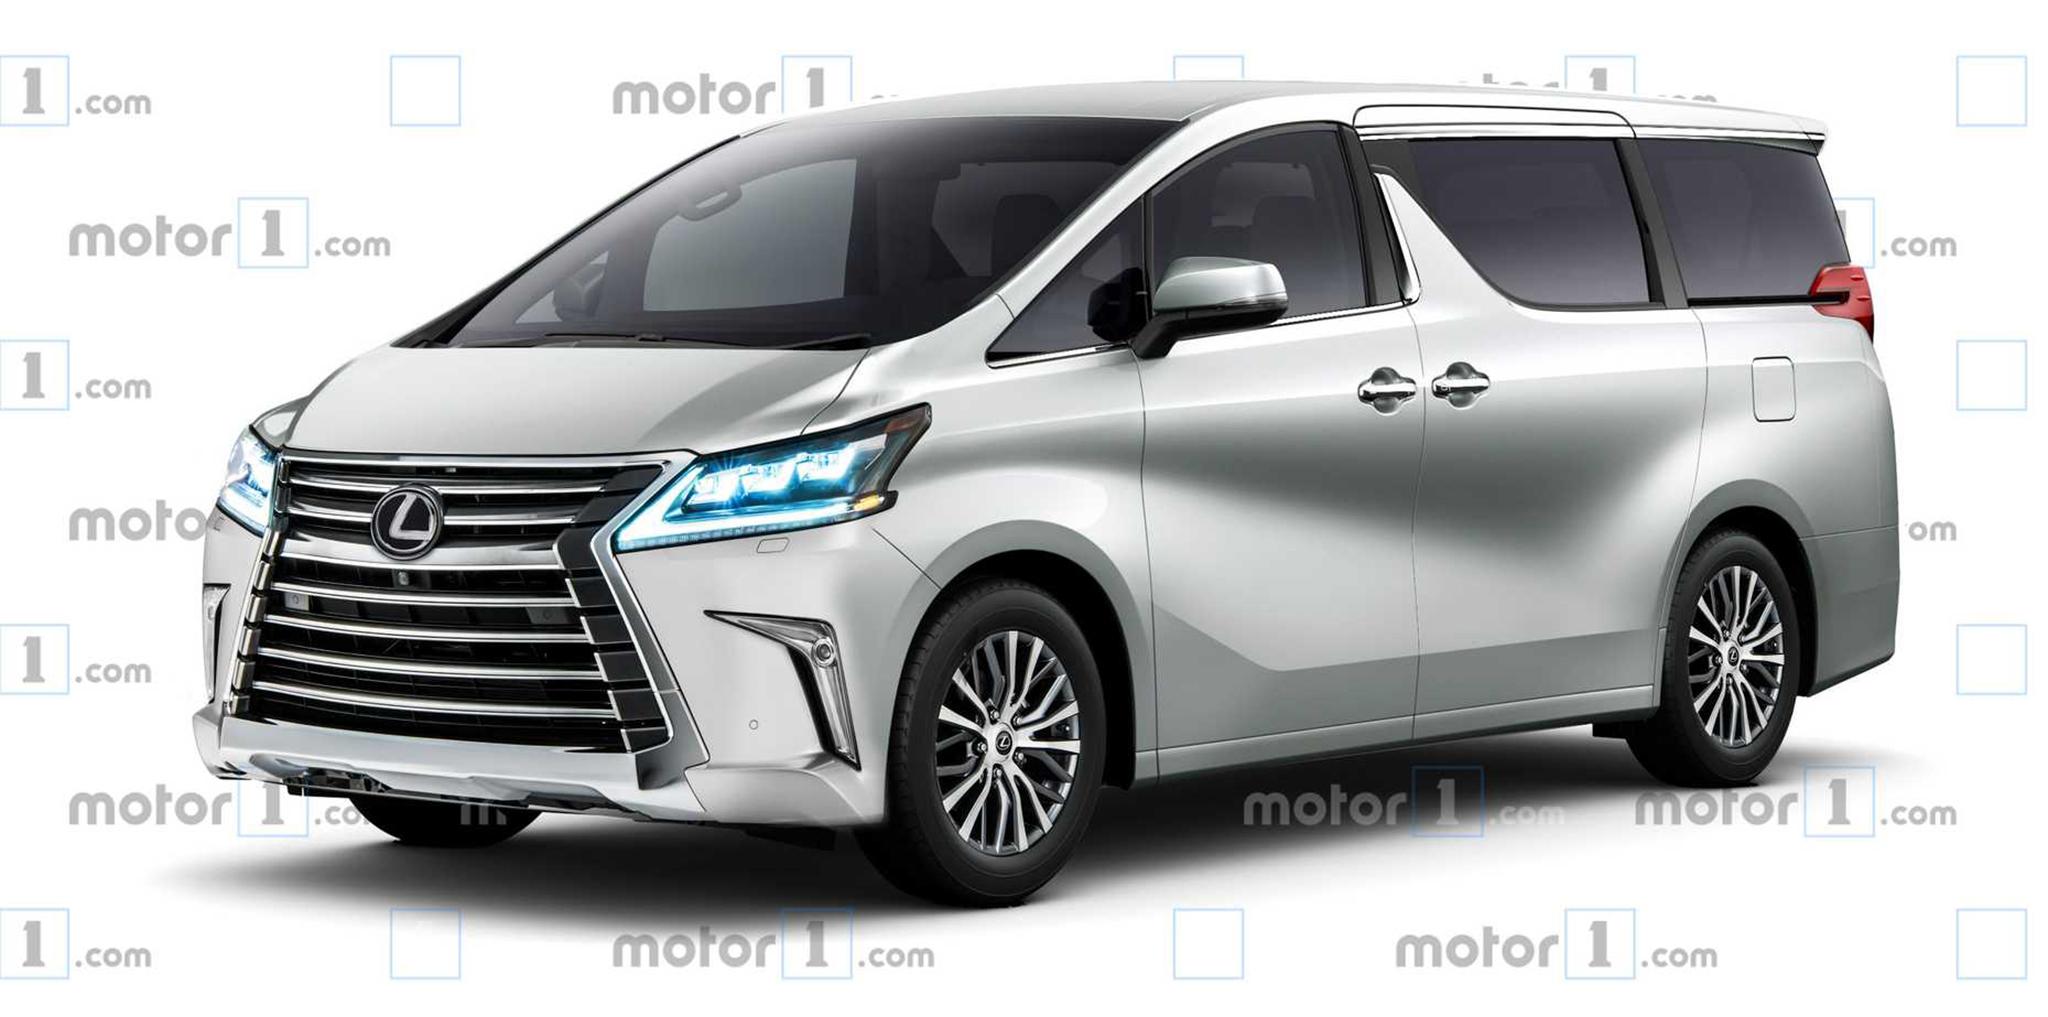 Lộ thông tin Lexus sản xuất Minivan từ năm 2020 tại Nhật Bản